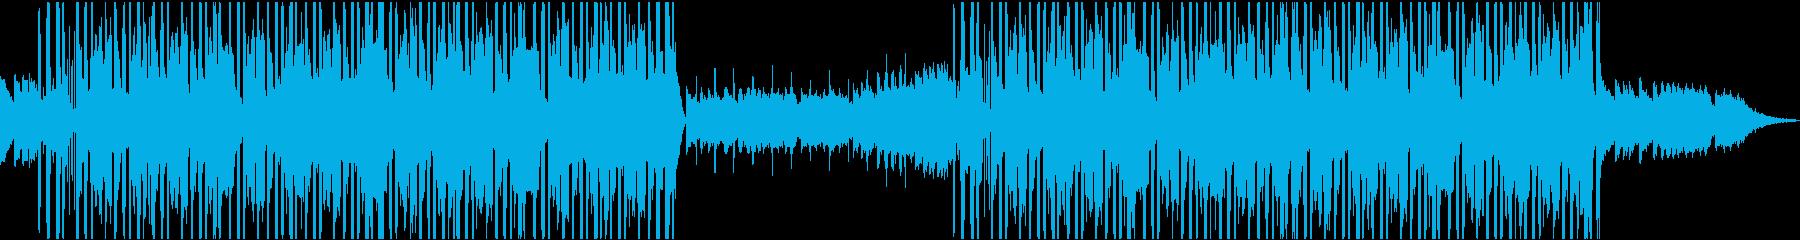 ジャジーモダンリラックスラウンジの背景の再生済みの波形